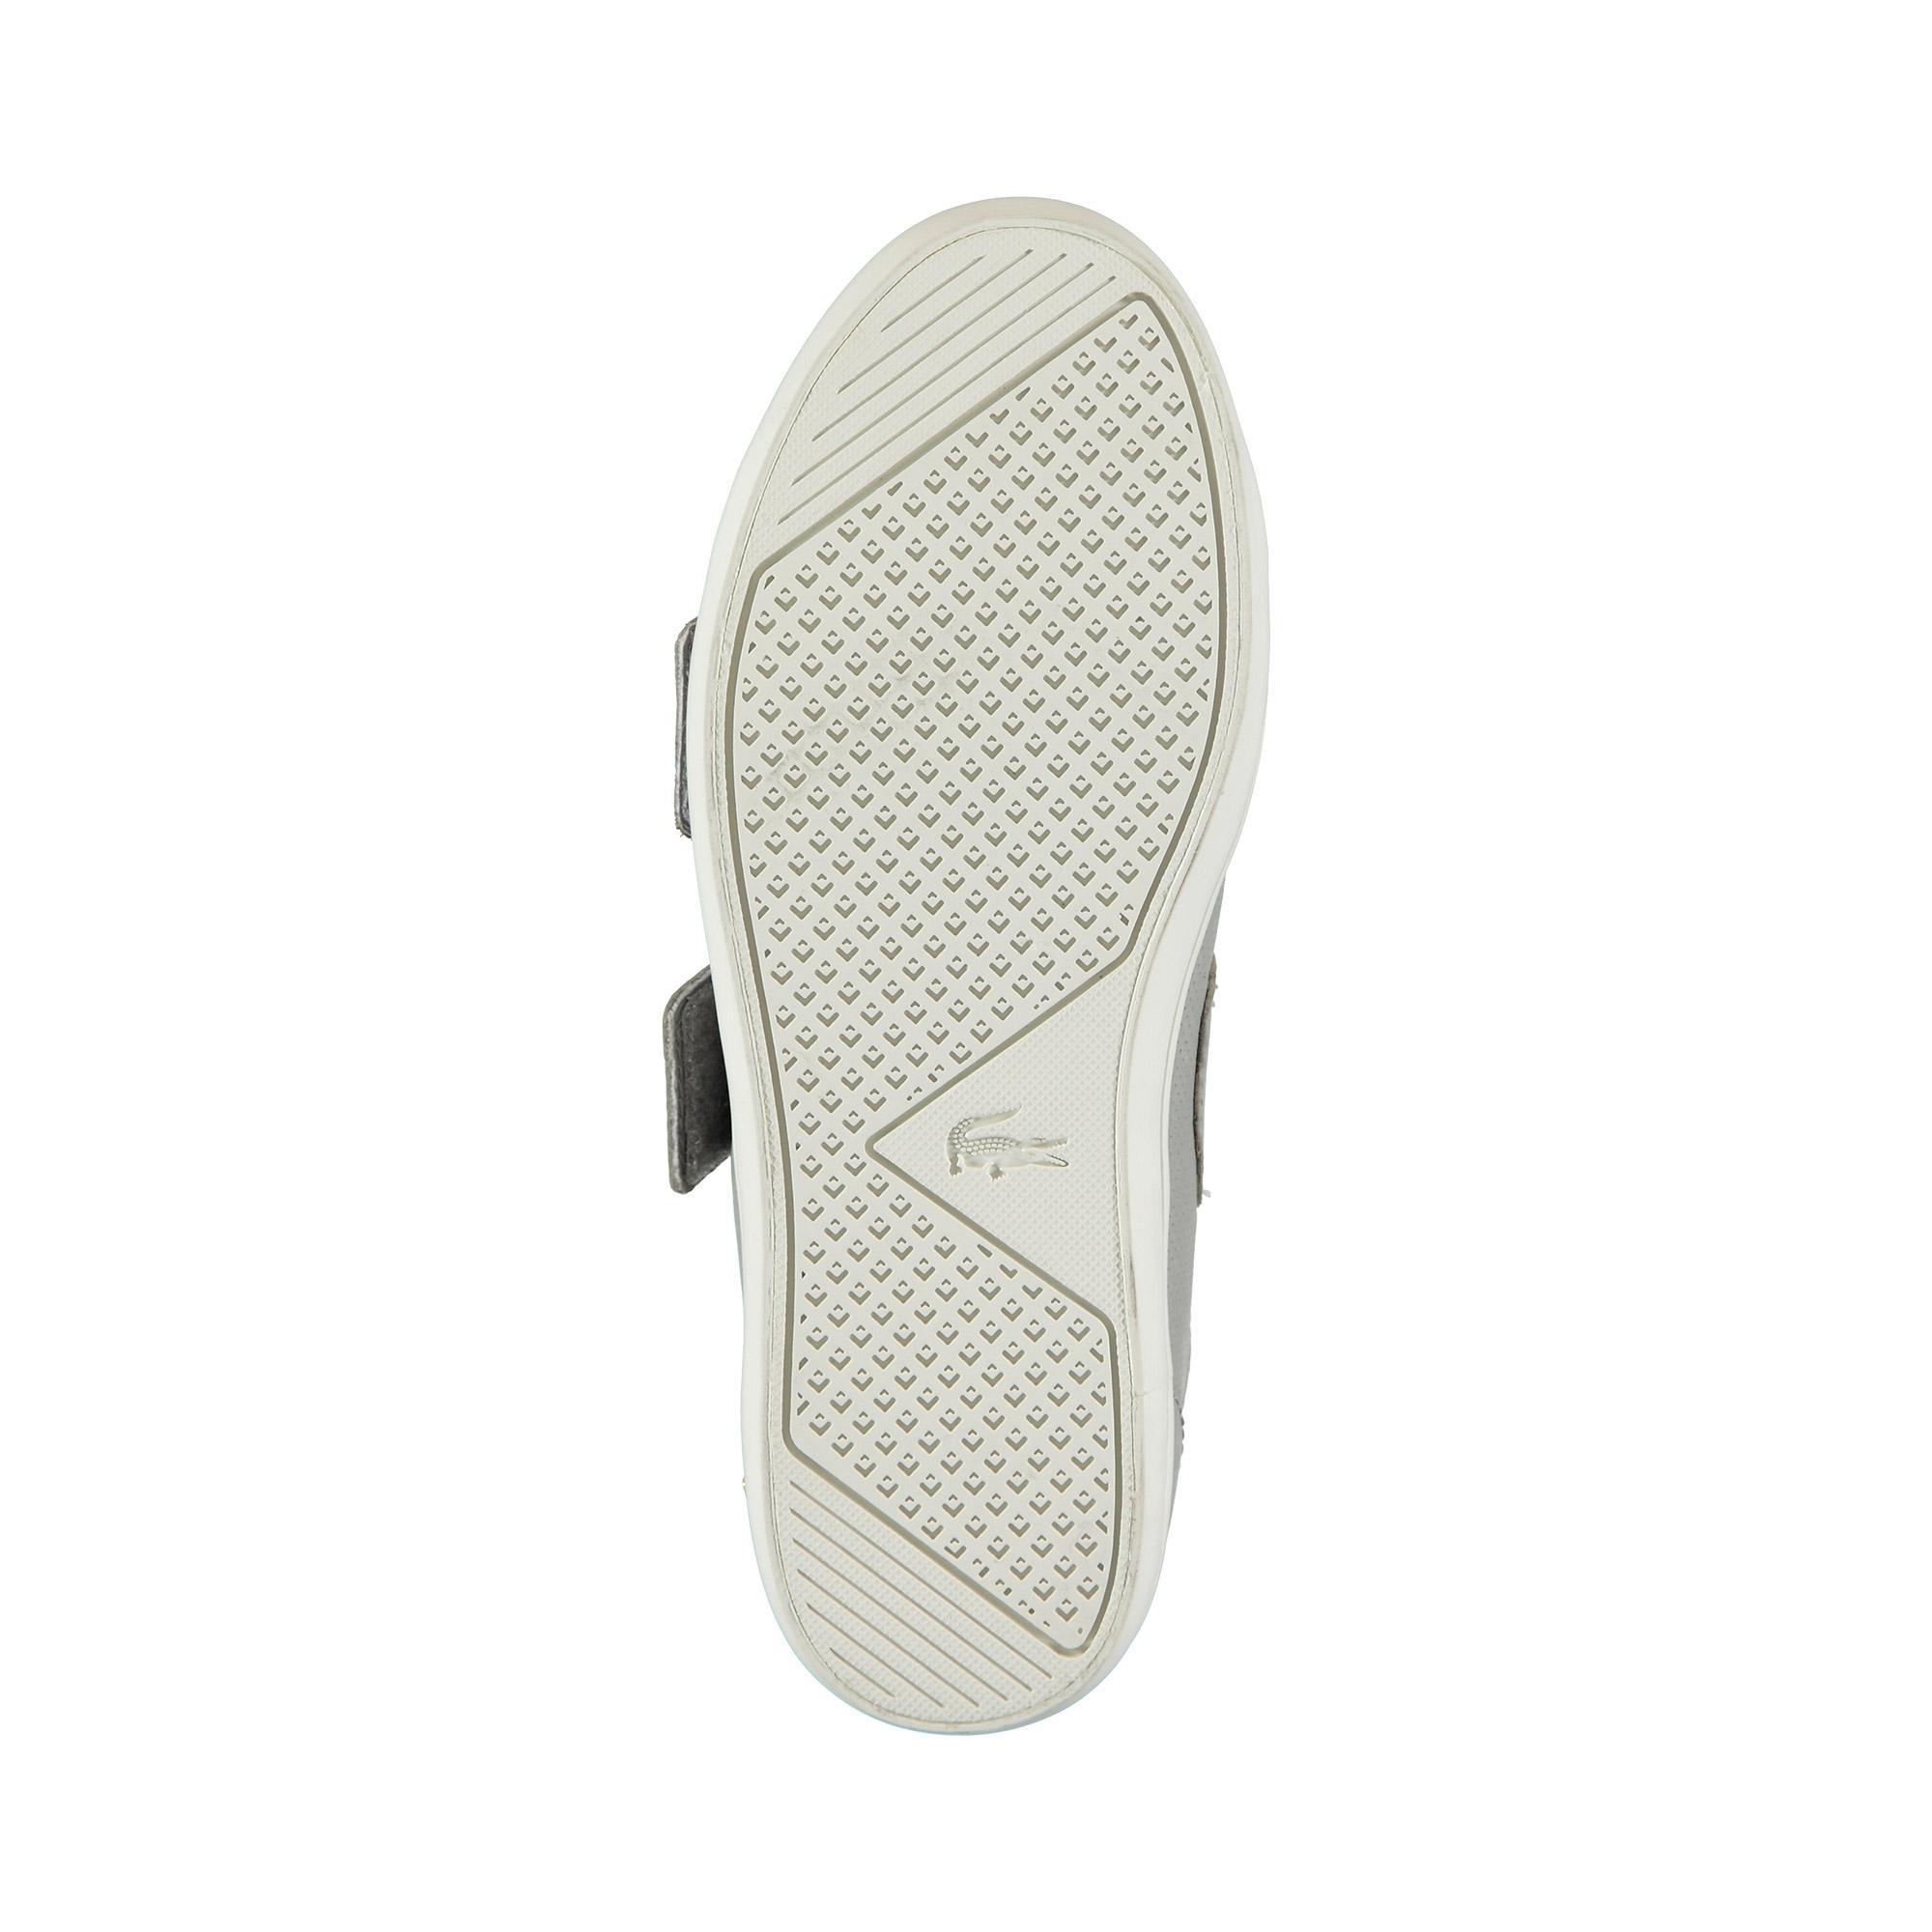 Lacoste Kadın Gri - Bej Straightset Strap 1191 Casual Ayakkabı